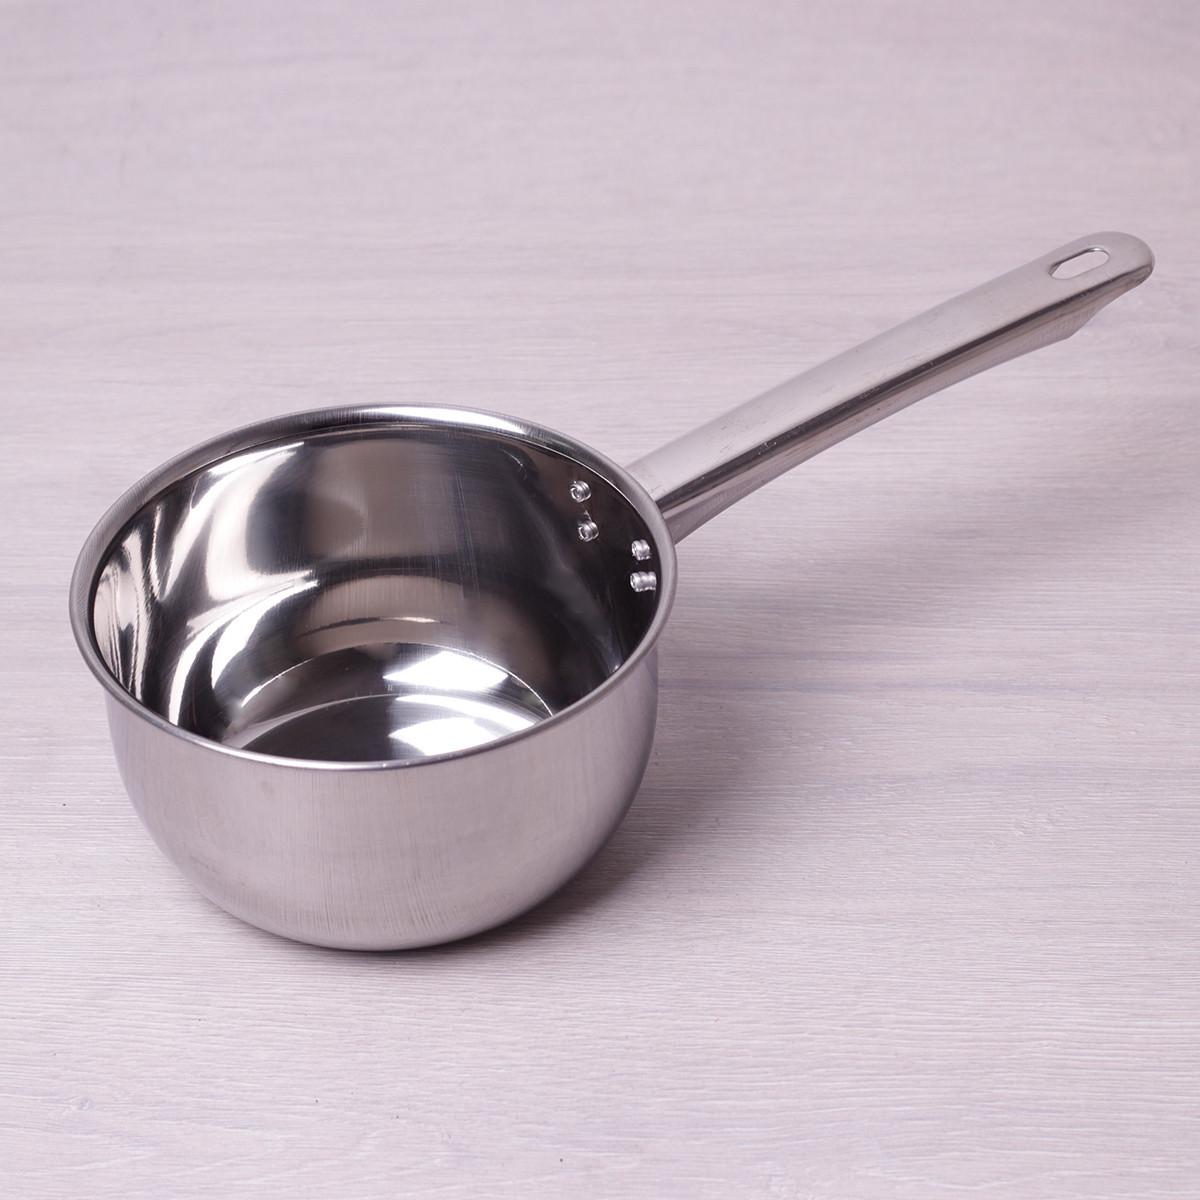 Ковш Kamille 1.5л из нержавеющей стали без крышки для индукции